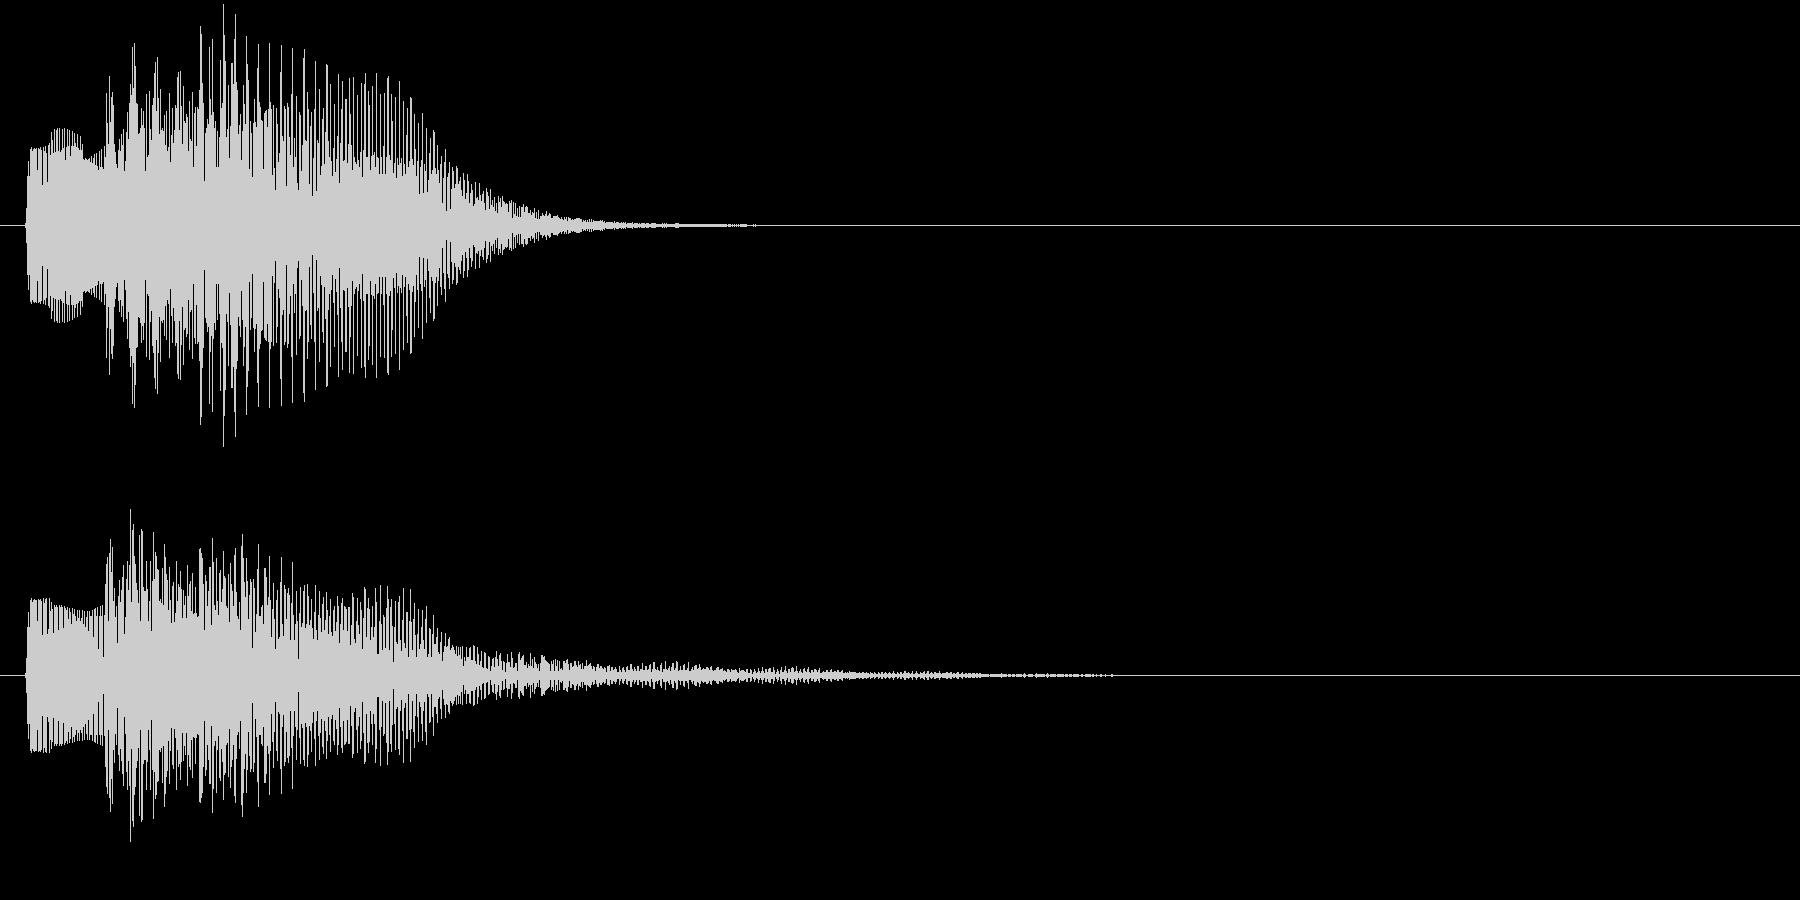 ピララン(キャンセル音)の未再生の波形